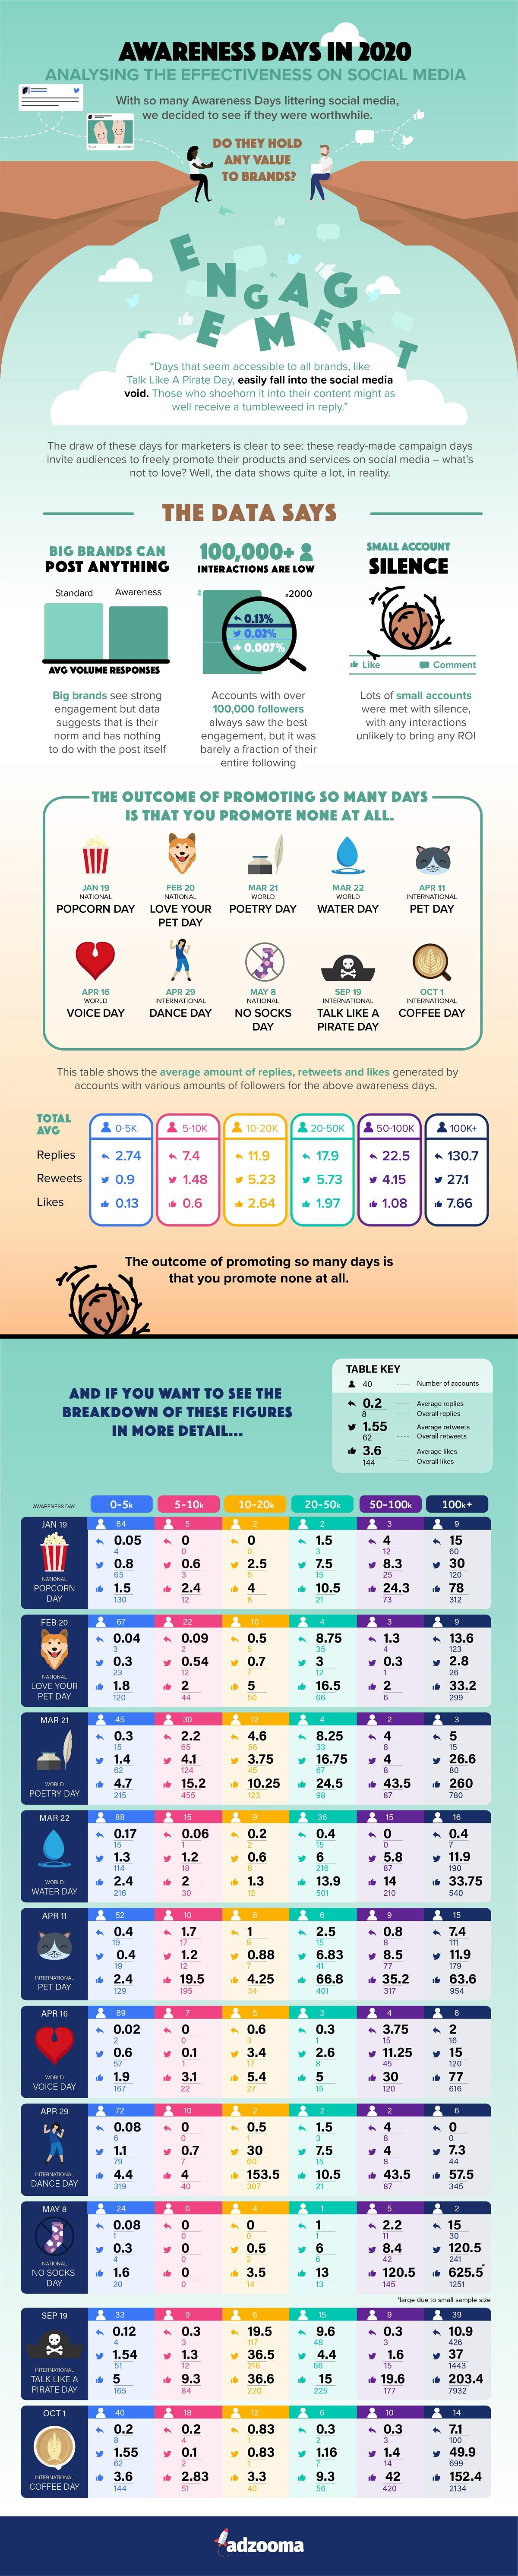 awareness days infographic